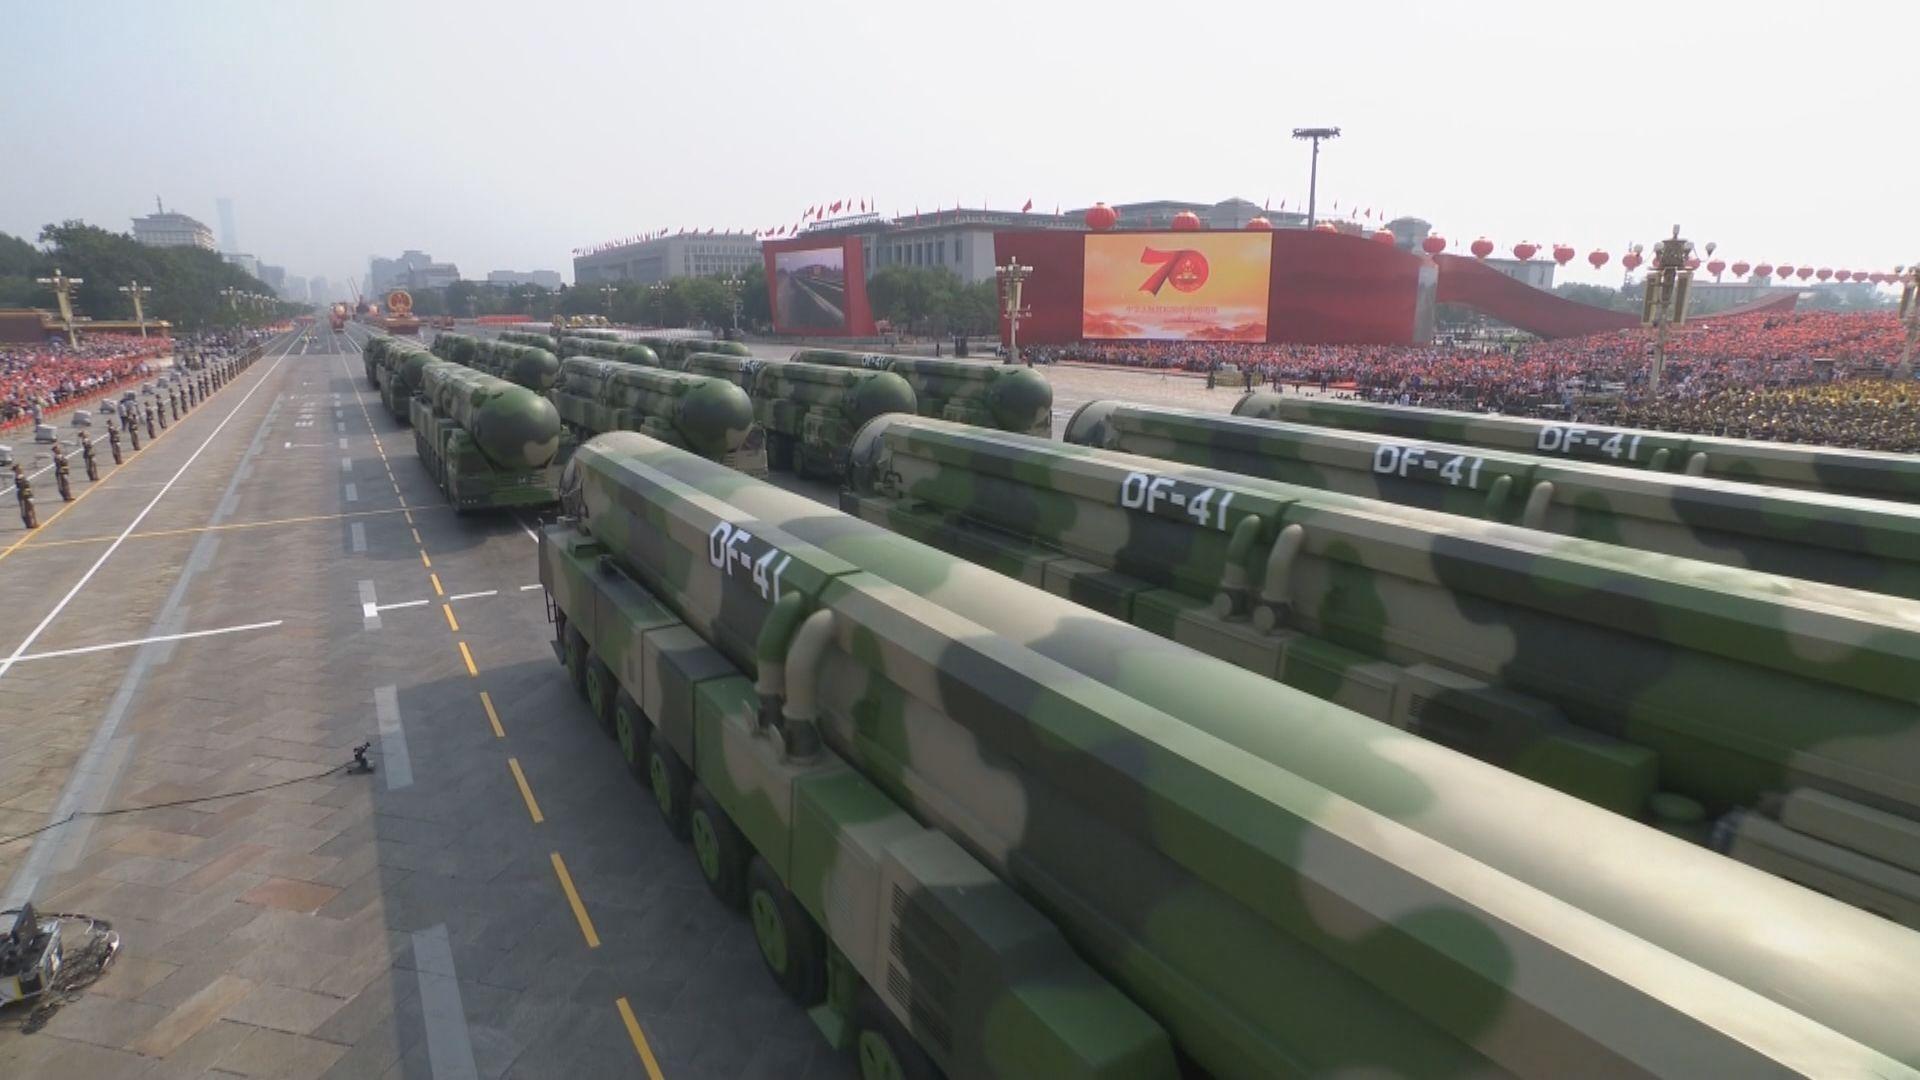 七間中國企業被指參與發展武器遭美國制裁